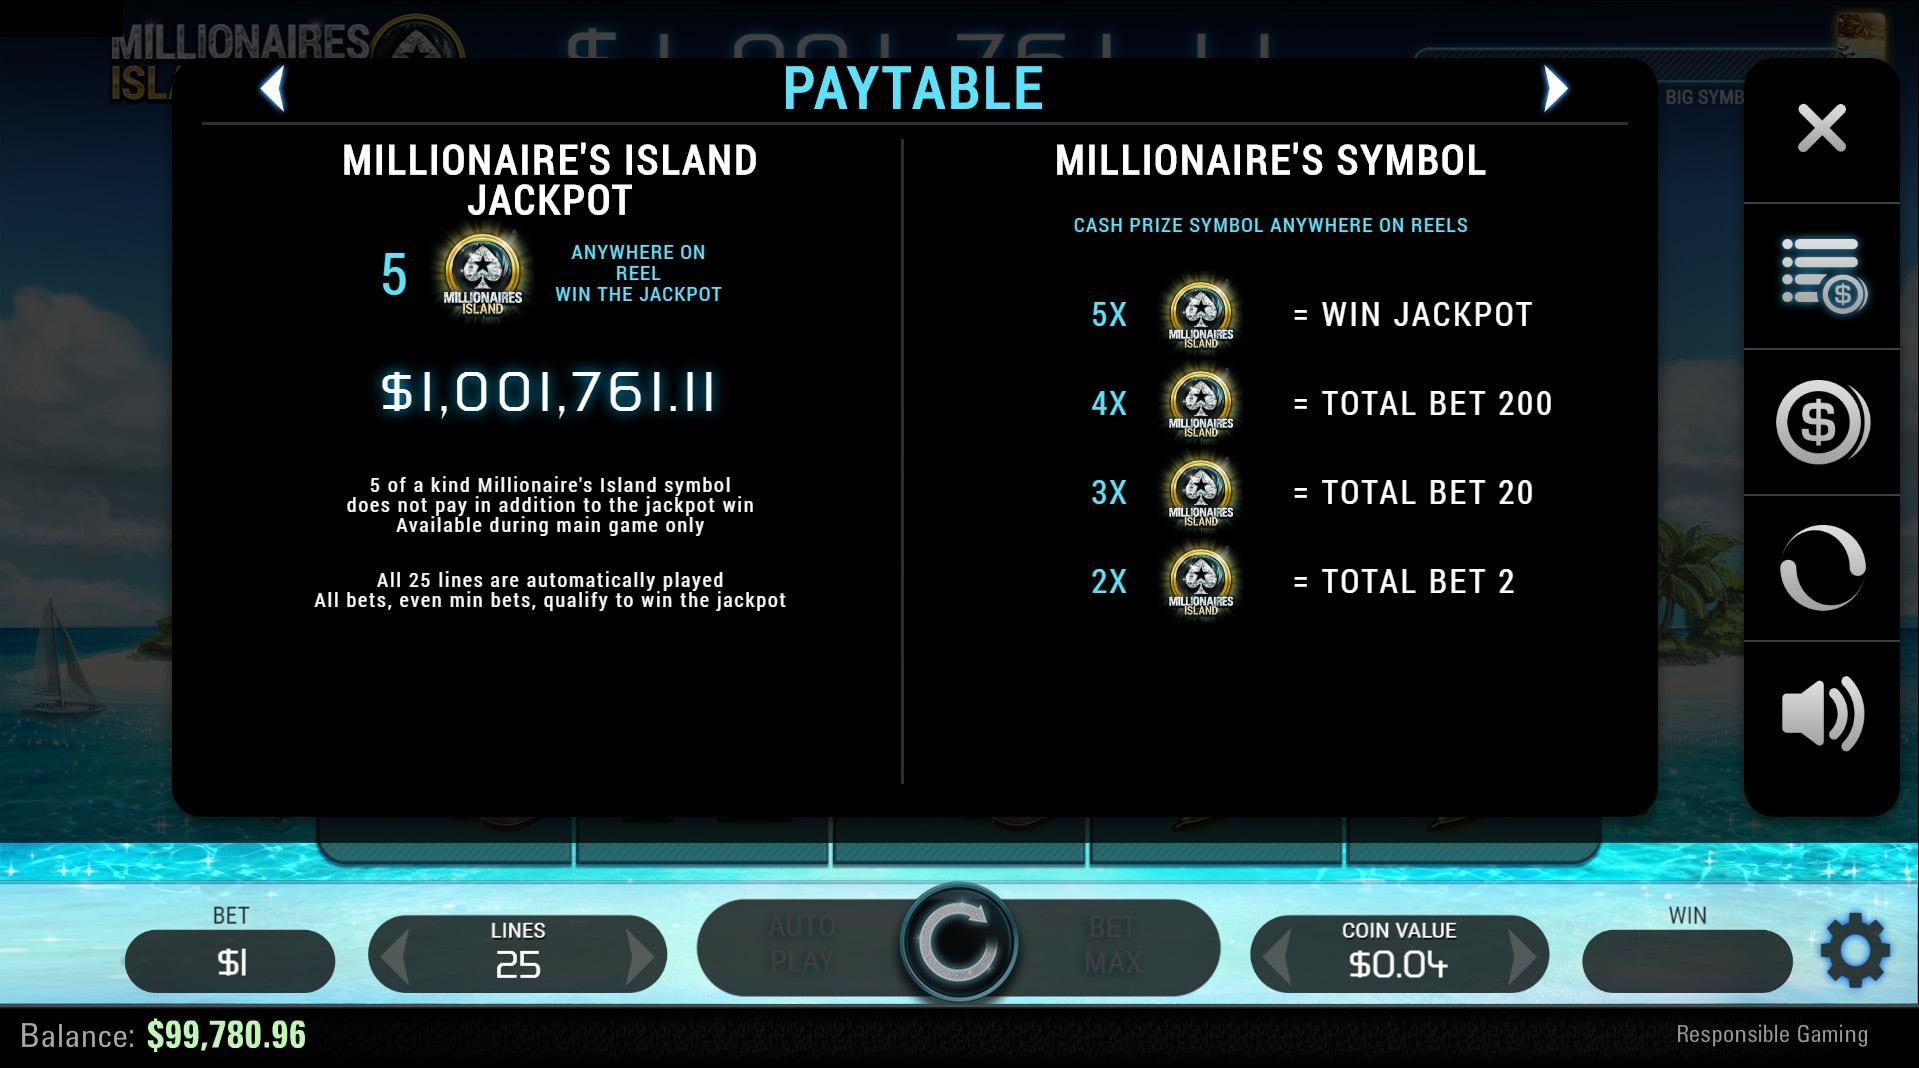 millionaires-island-paytable-1.jpg